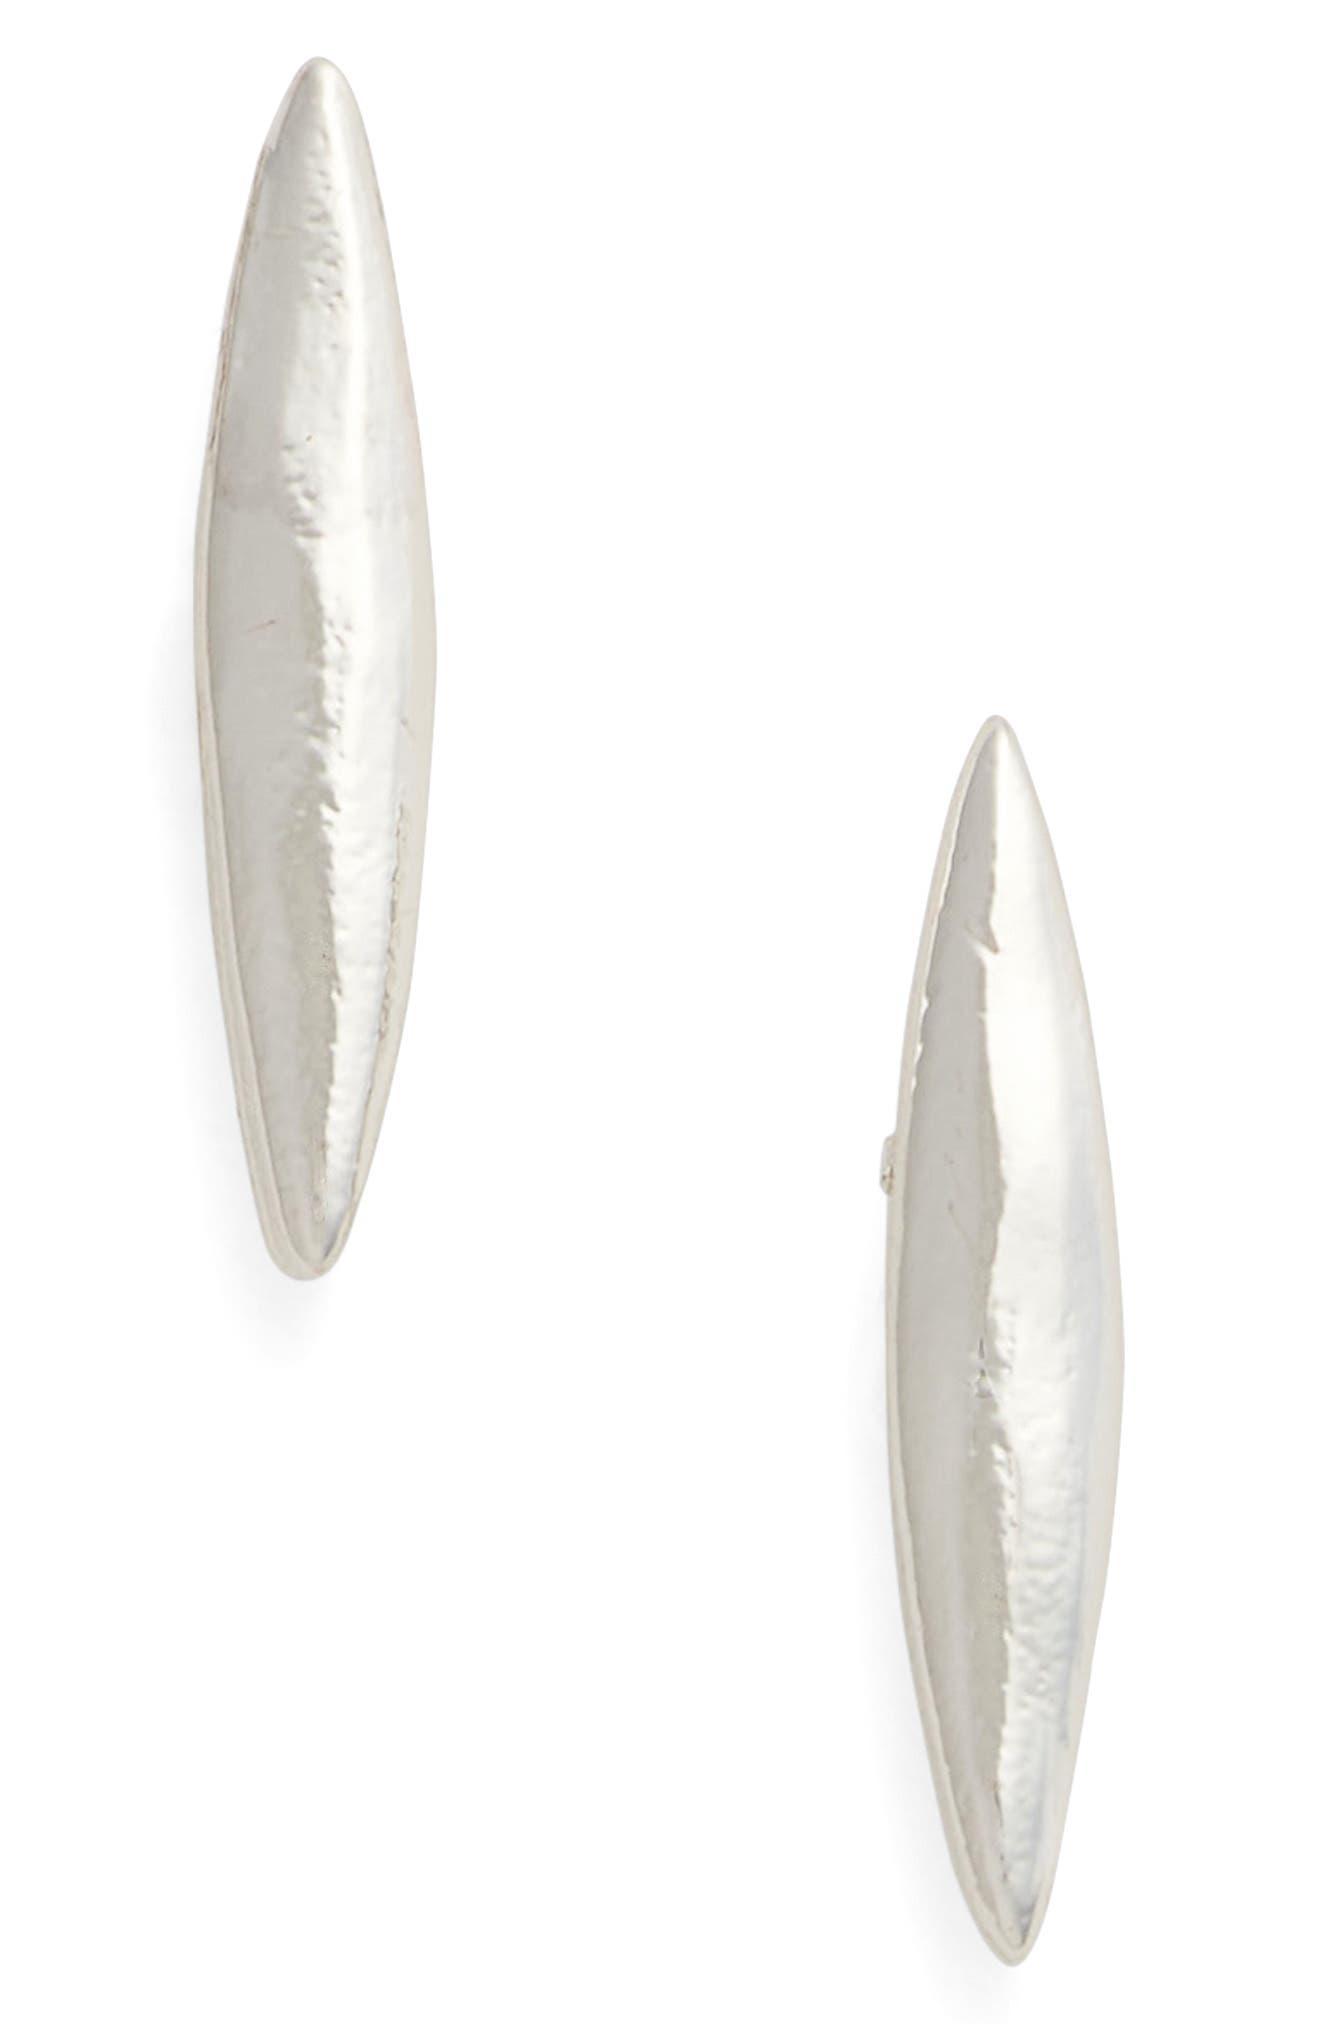 Kellen Stud Earrings,                             Main thumbnail 1, color,                             040